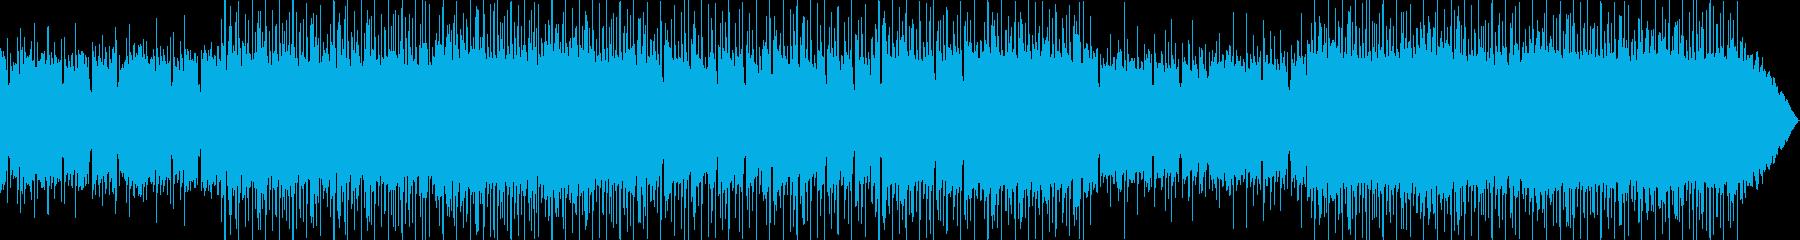 メロウで穏やかな気持ちになるチルアウトの再生済みの波形